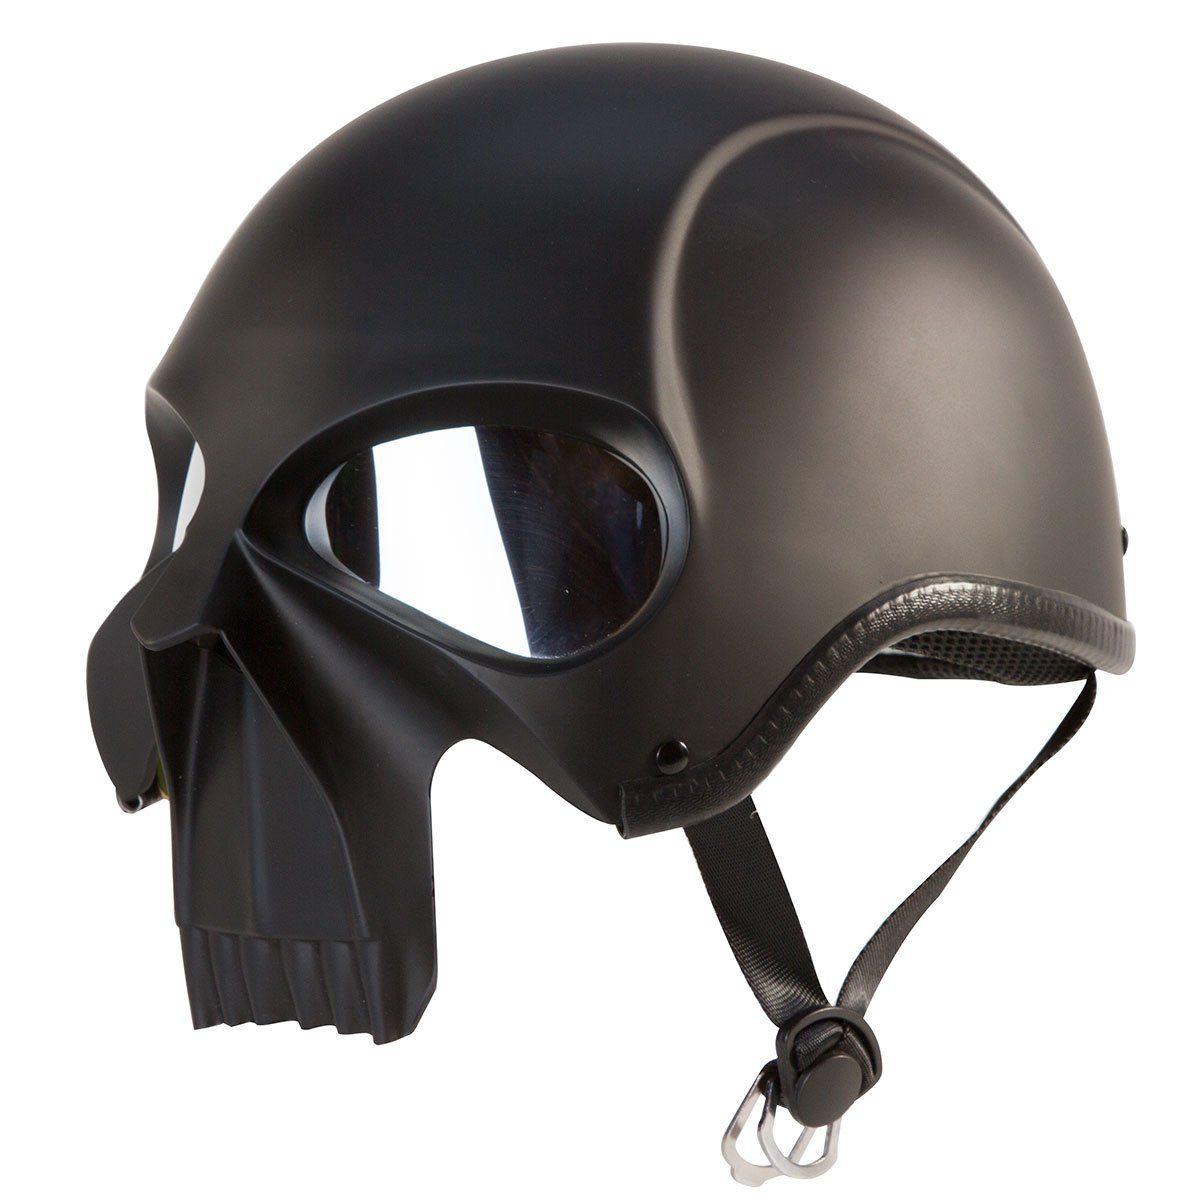 Stryker Darth Knight Motorcycle Helmet